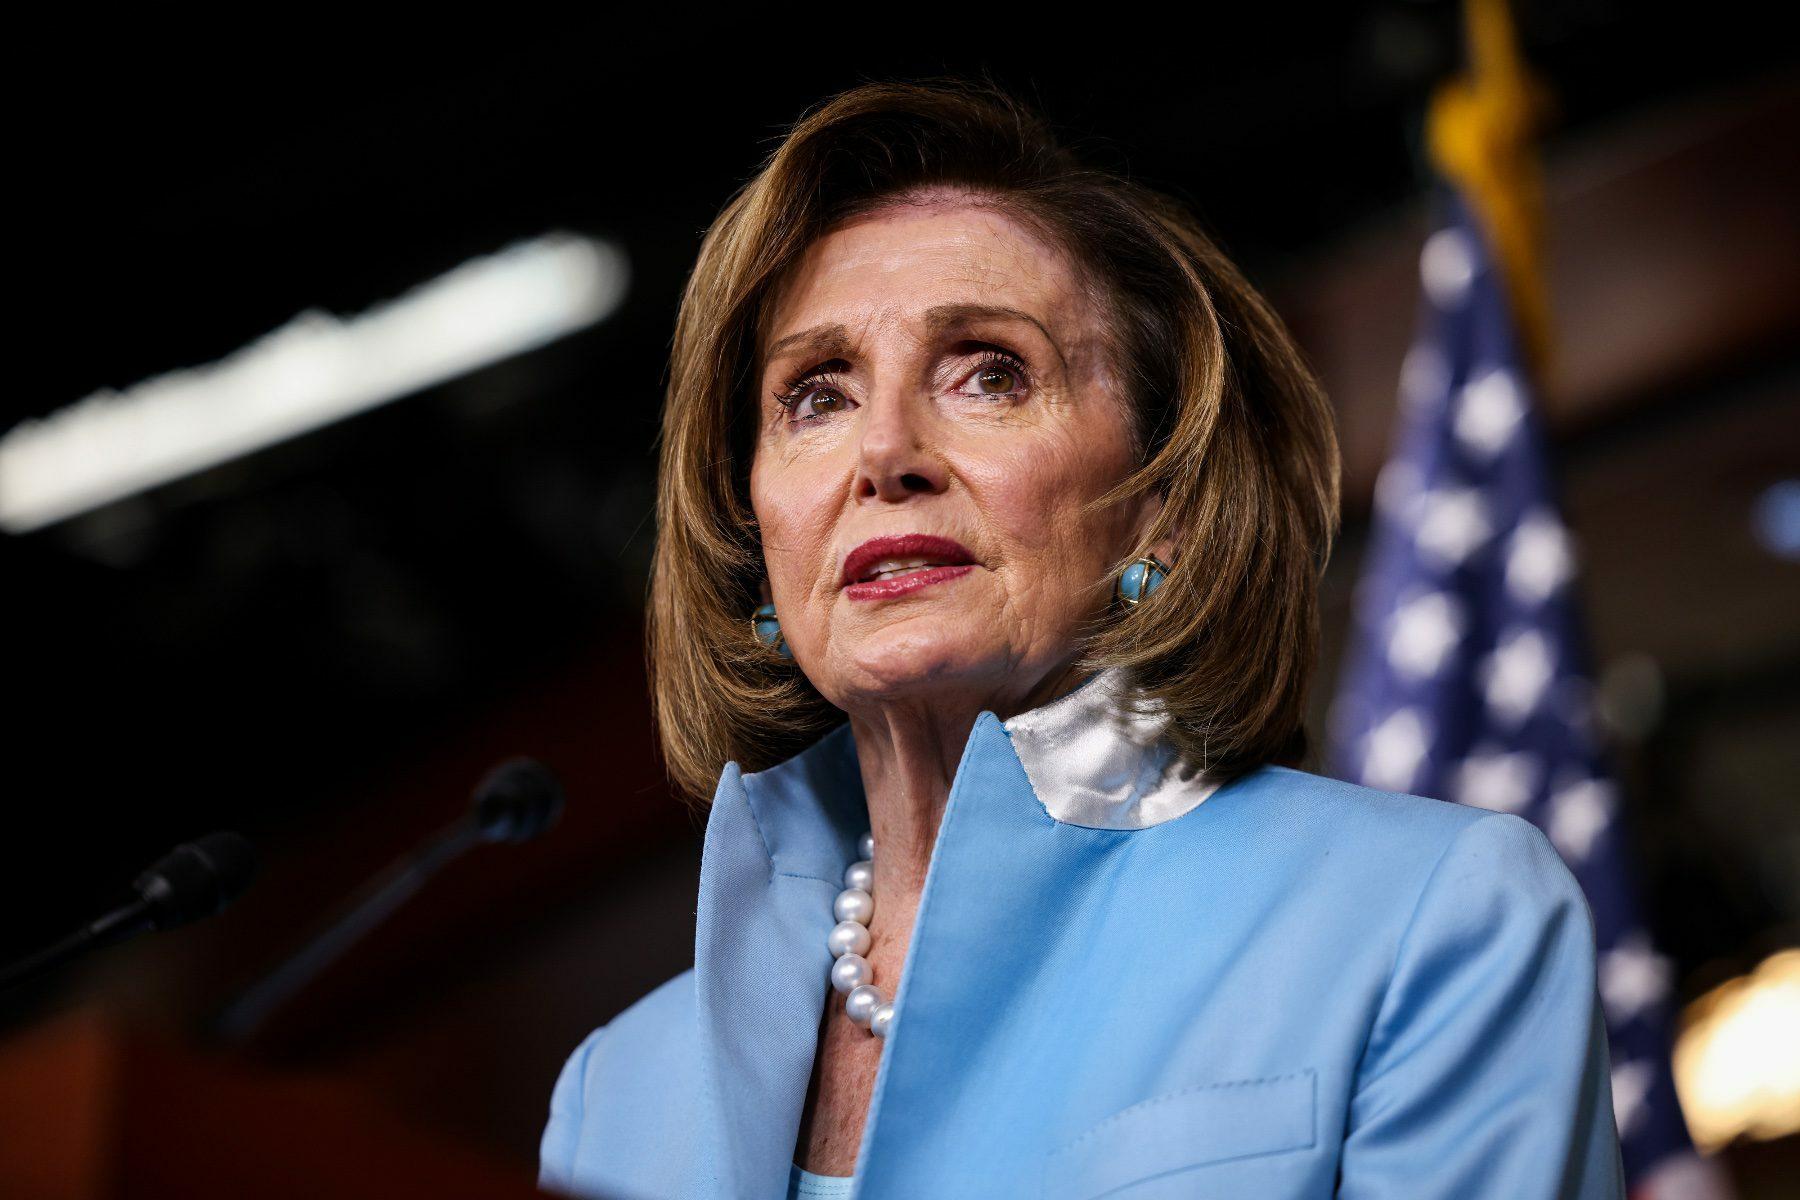 A photo of Nancy Pelosi speaking.